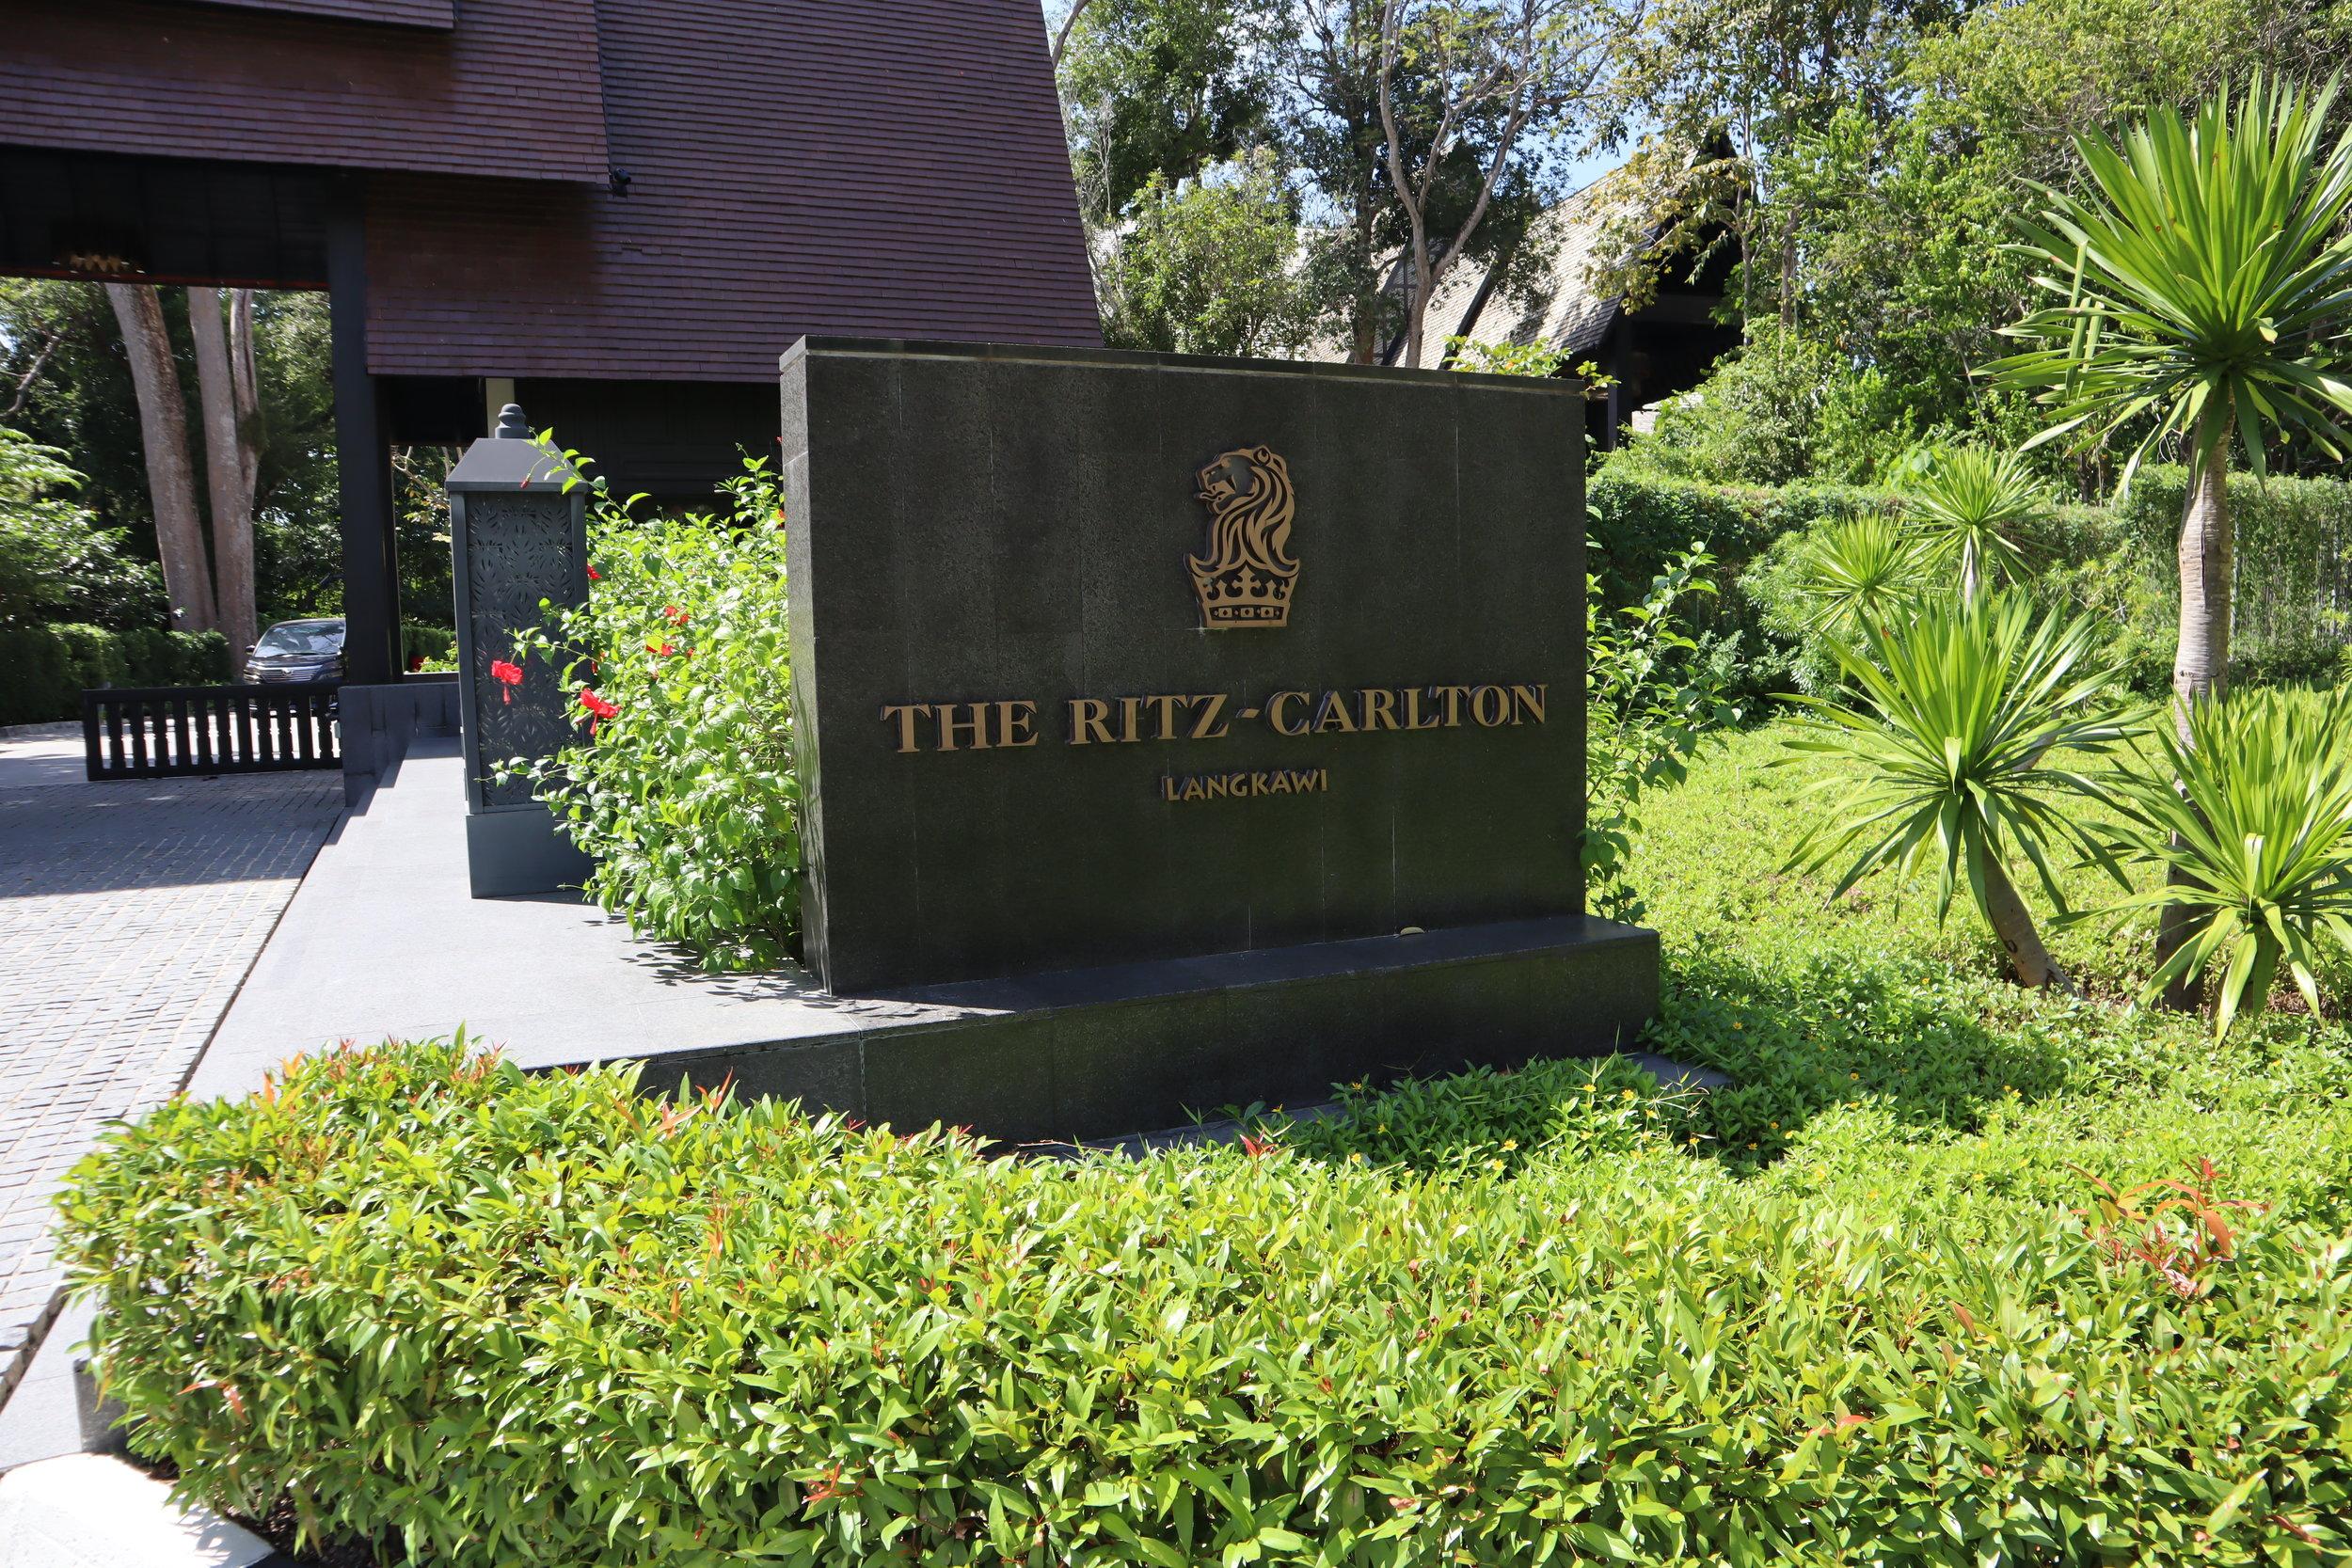 The Ritz-Carlton, Langkawi – Entrance sign